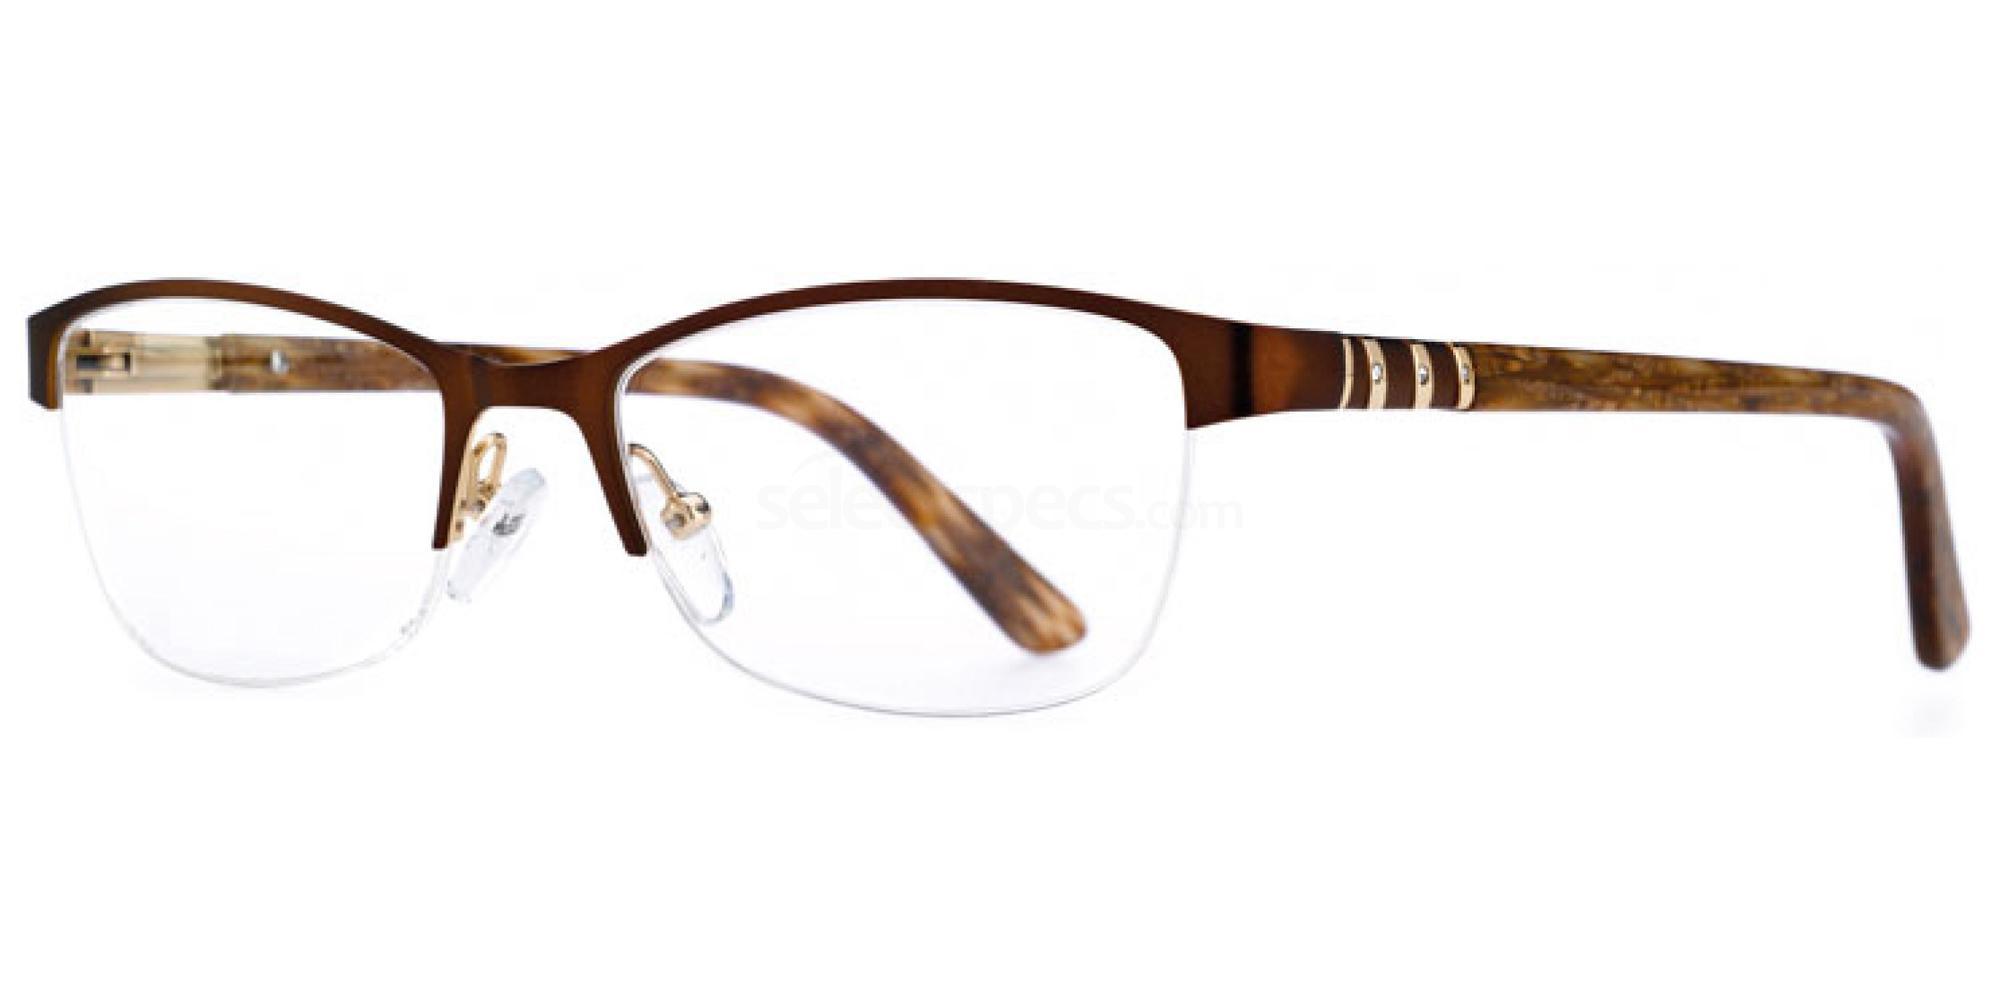 C1 i Wear 6045 Glasses, i Wear